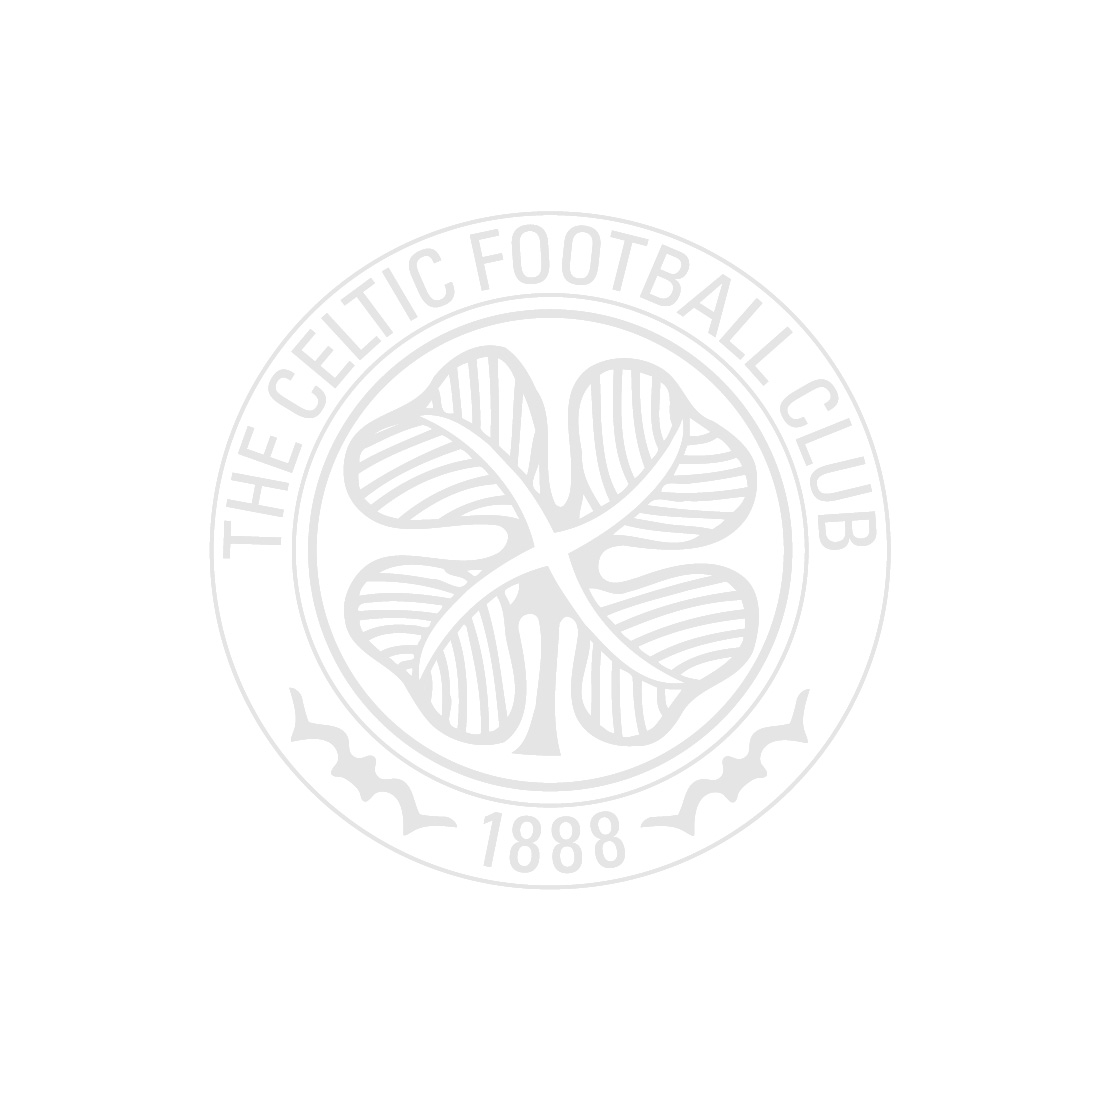 Celtic Larsson Signed Goal Vs St Johnstone print